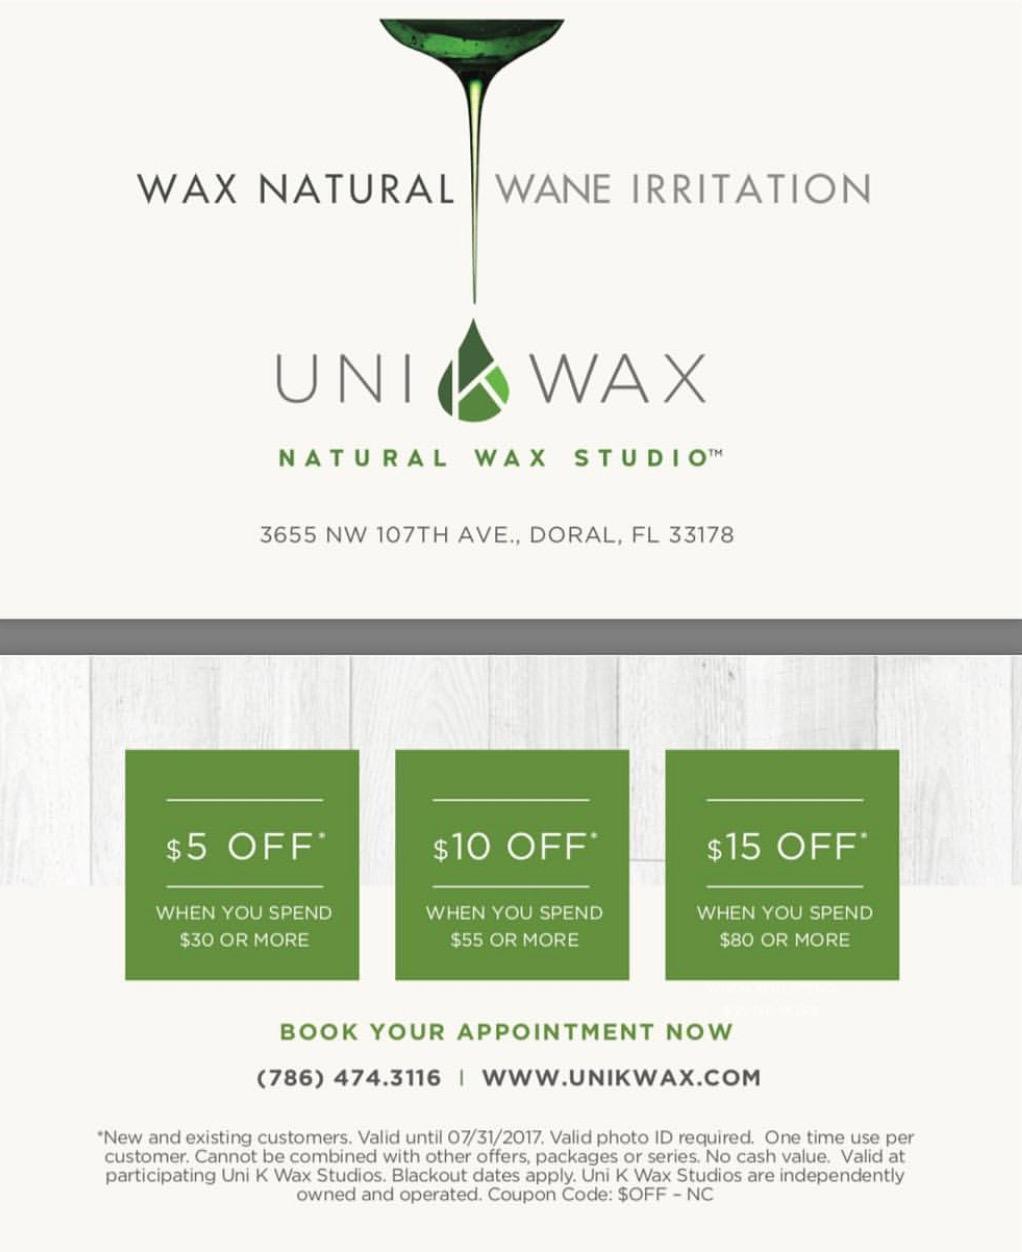 Uni K Wax Studio image 1